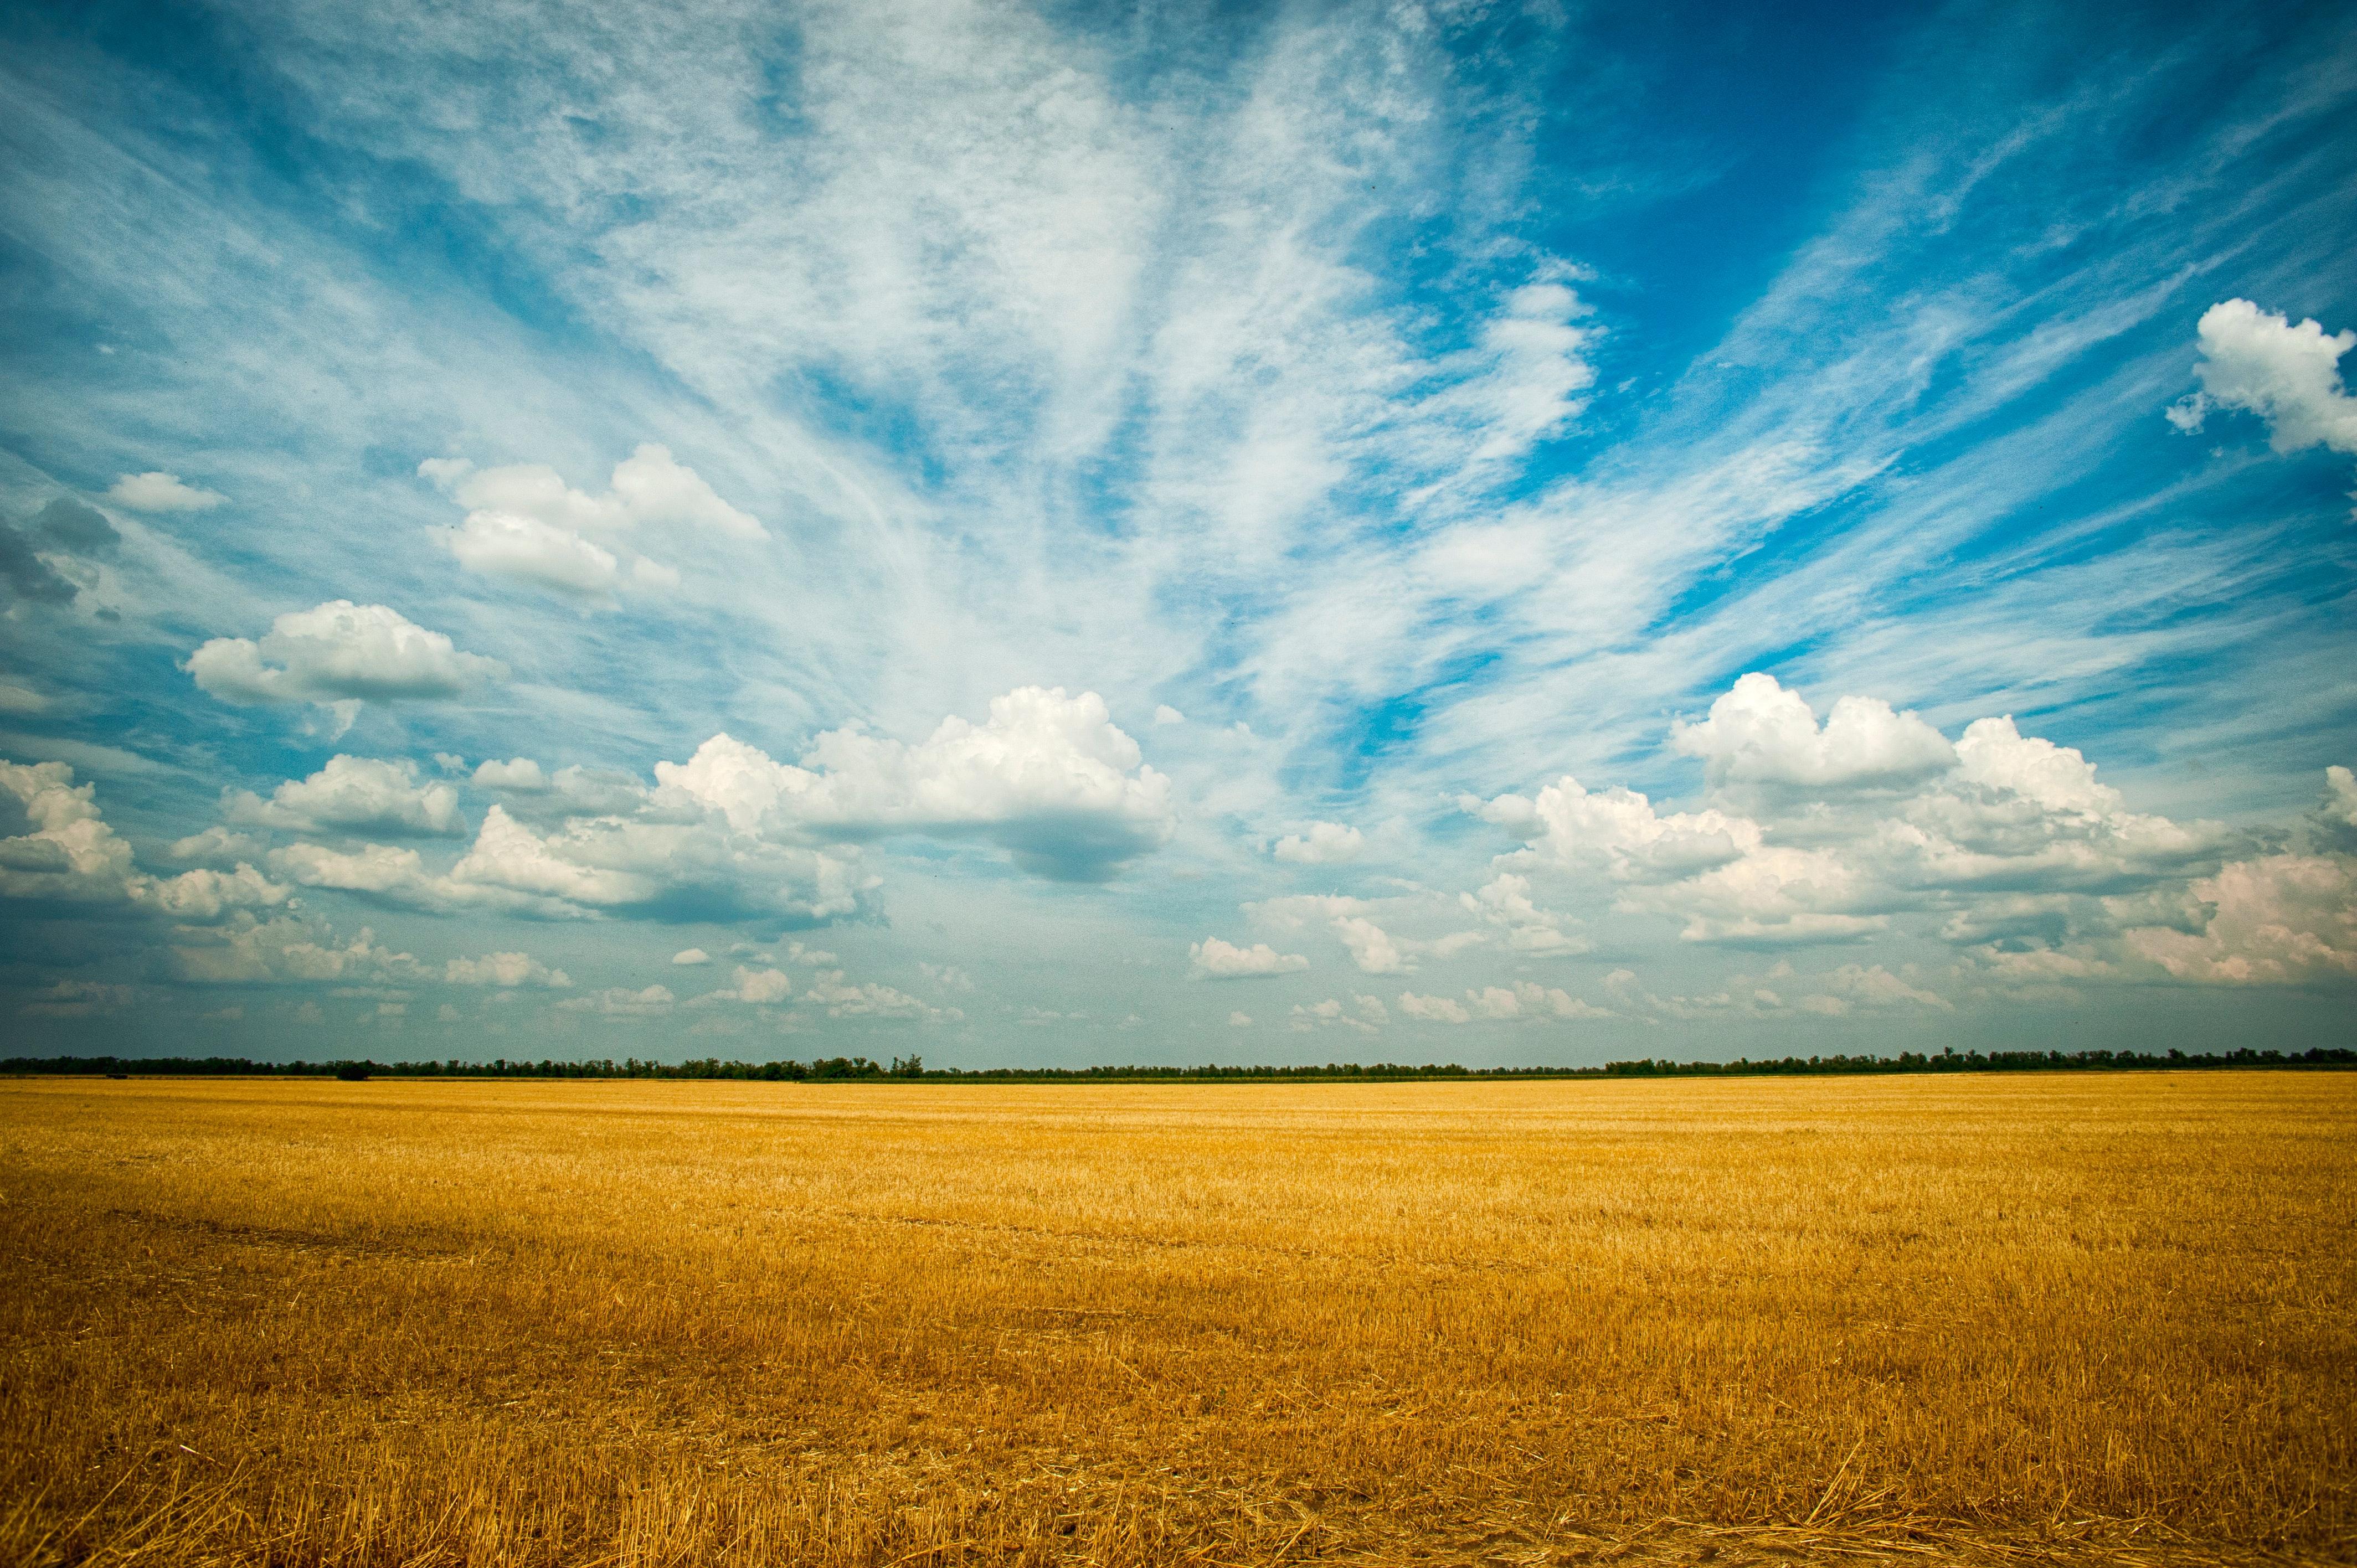 Hình ảnh cánh đồng lúa cực đẹp